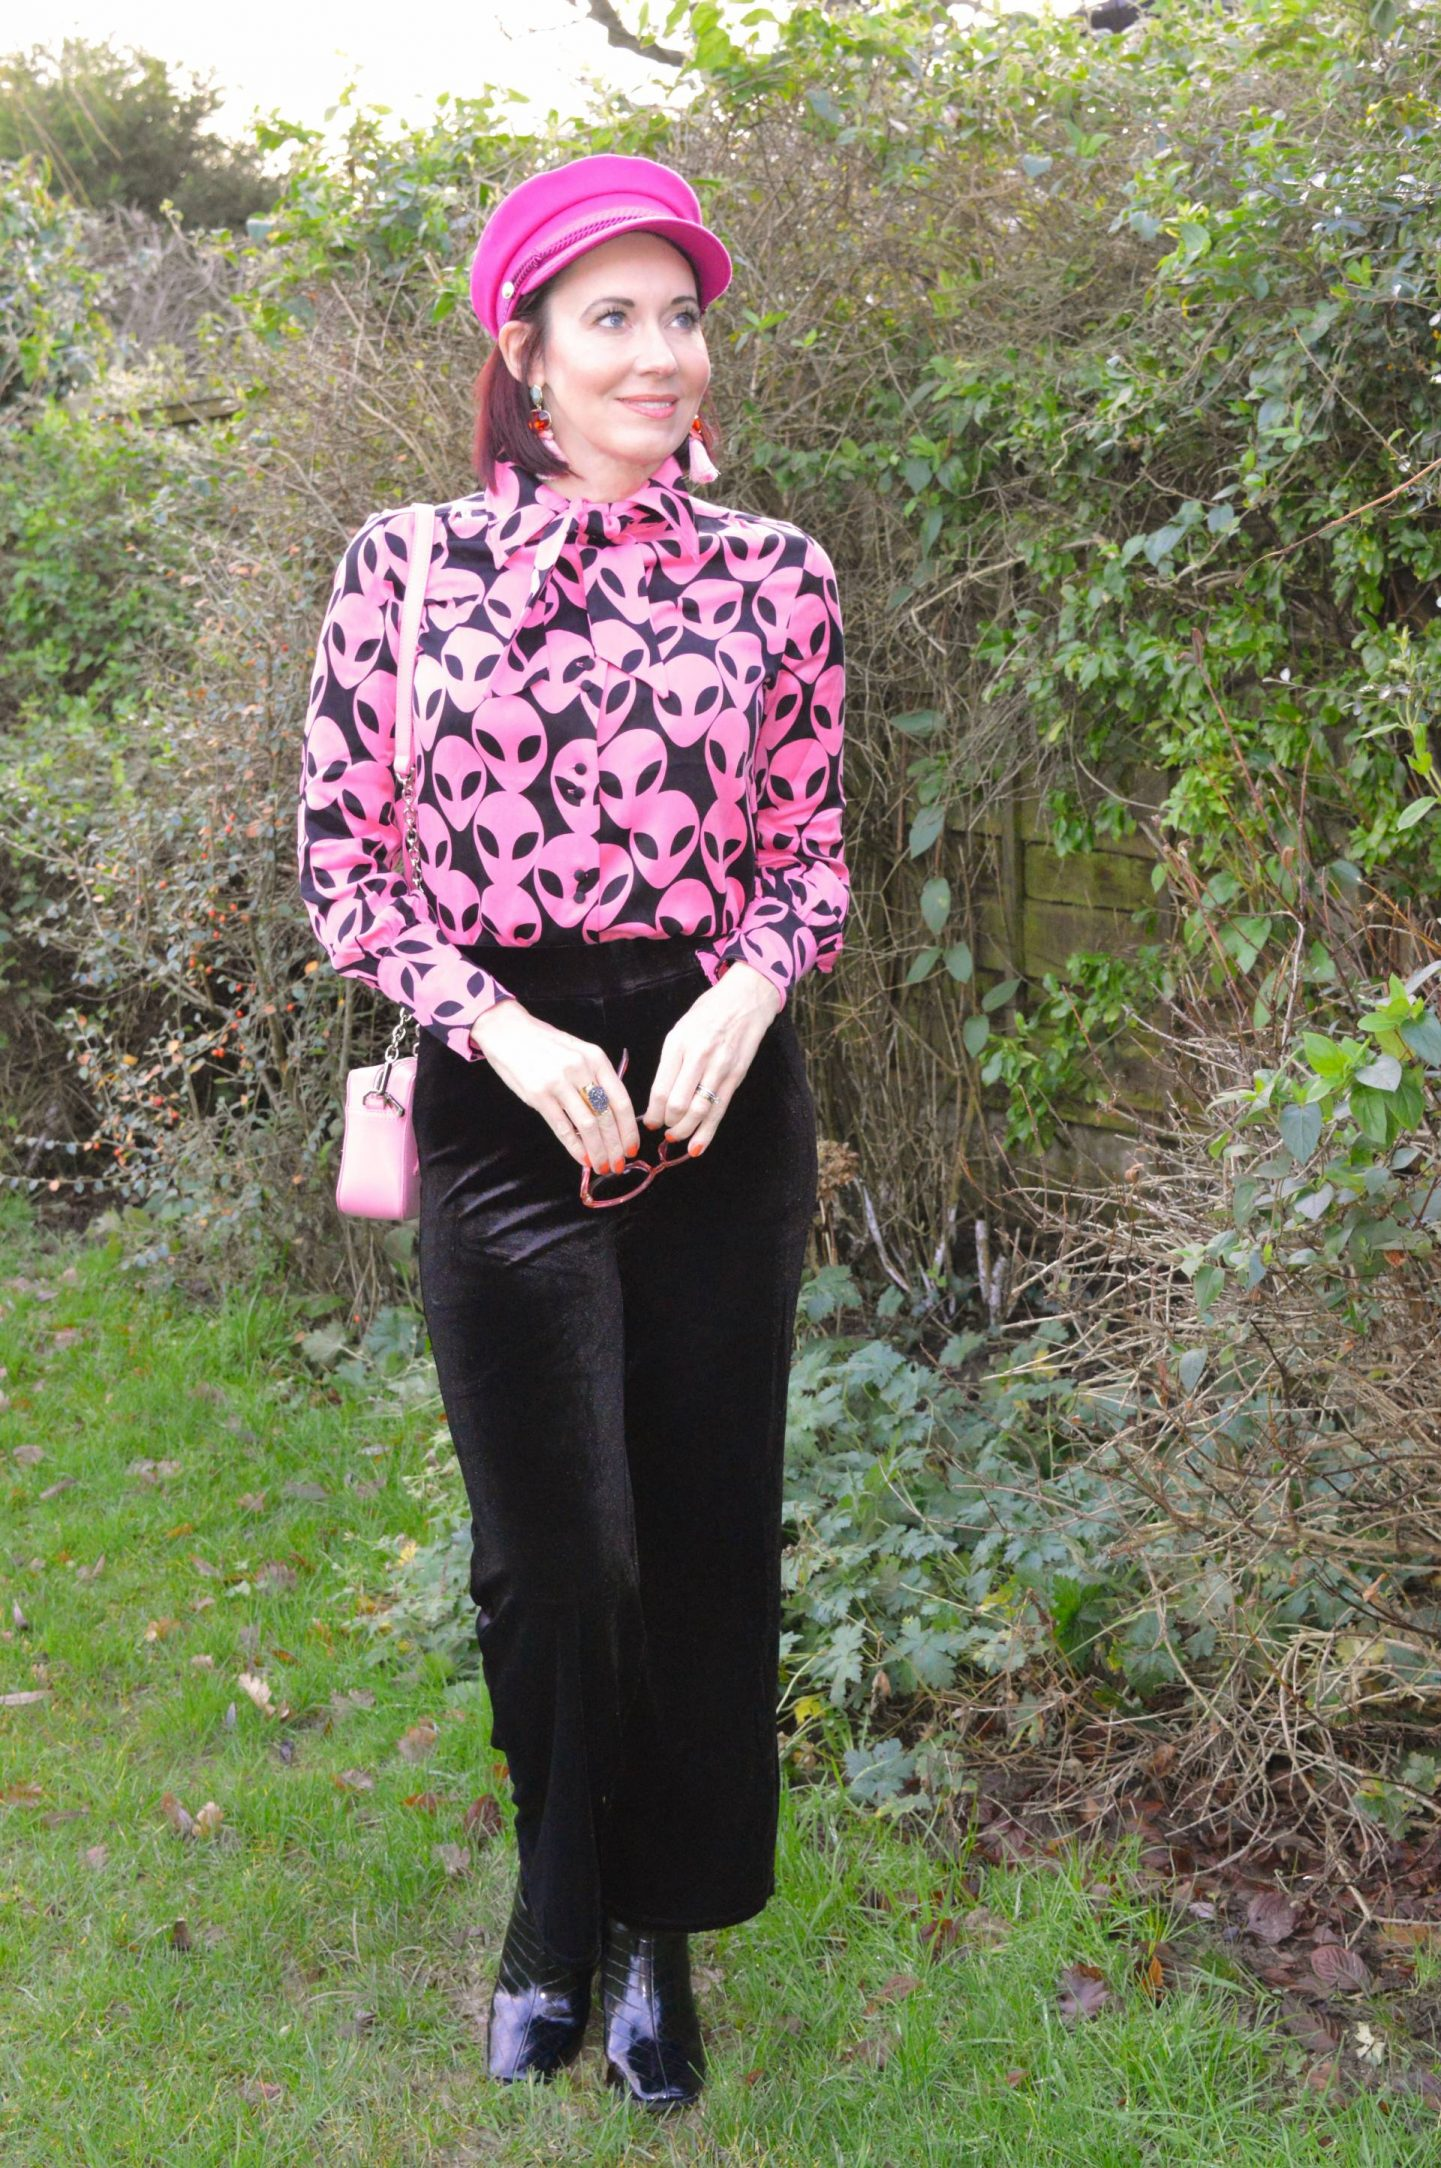 Fabienne Chapot Alien Print Shirt, Very black velvet trousers, Fabienne Chapot pink cap